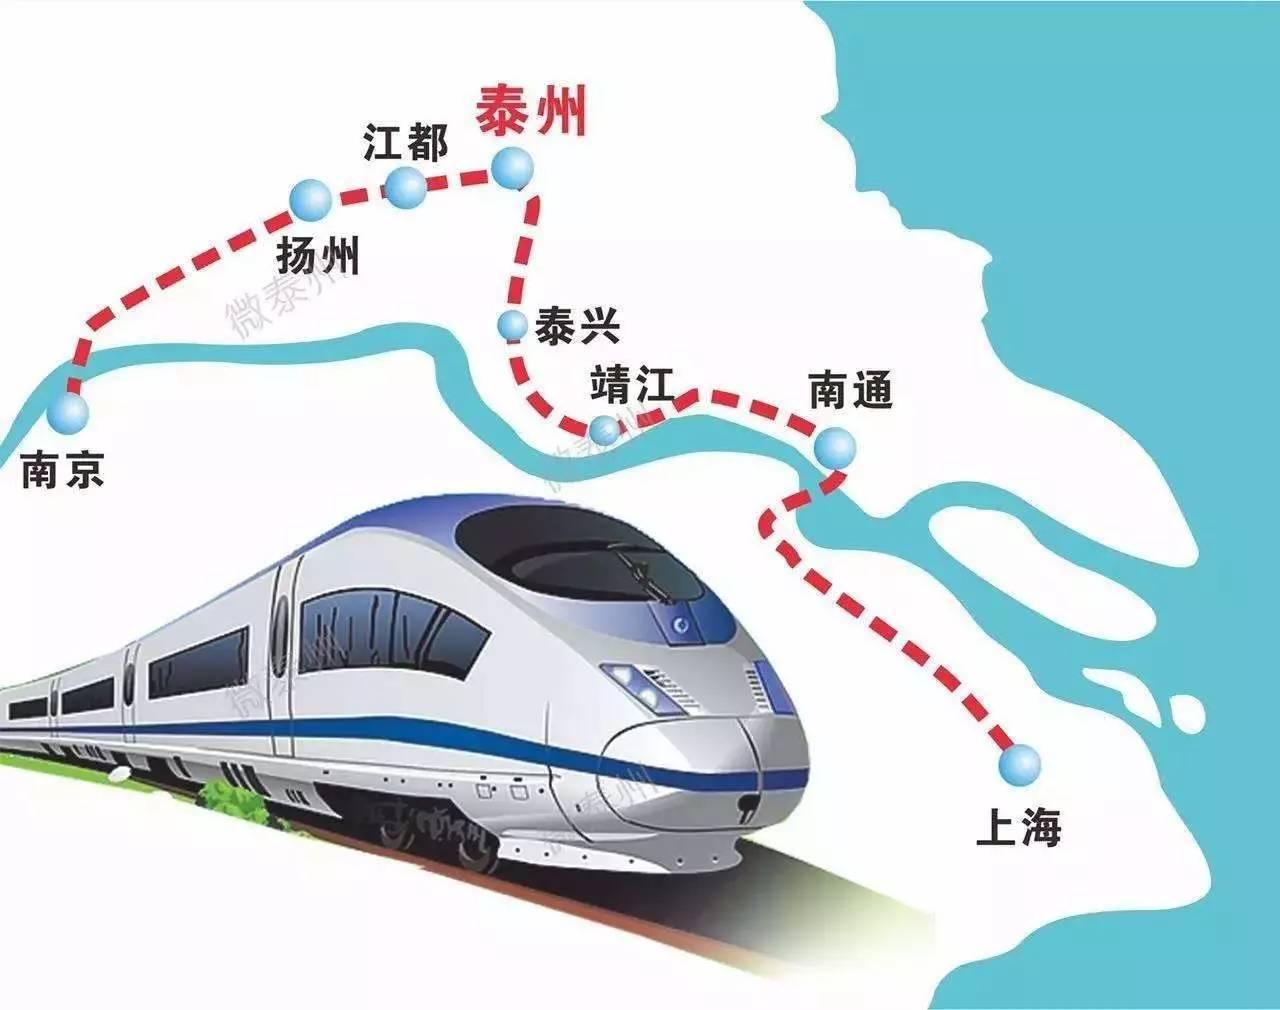 重磅 未来上海到泰州只要55分钟,黄桥烧饼 猪肉脯 长江三鲜,我来啦